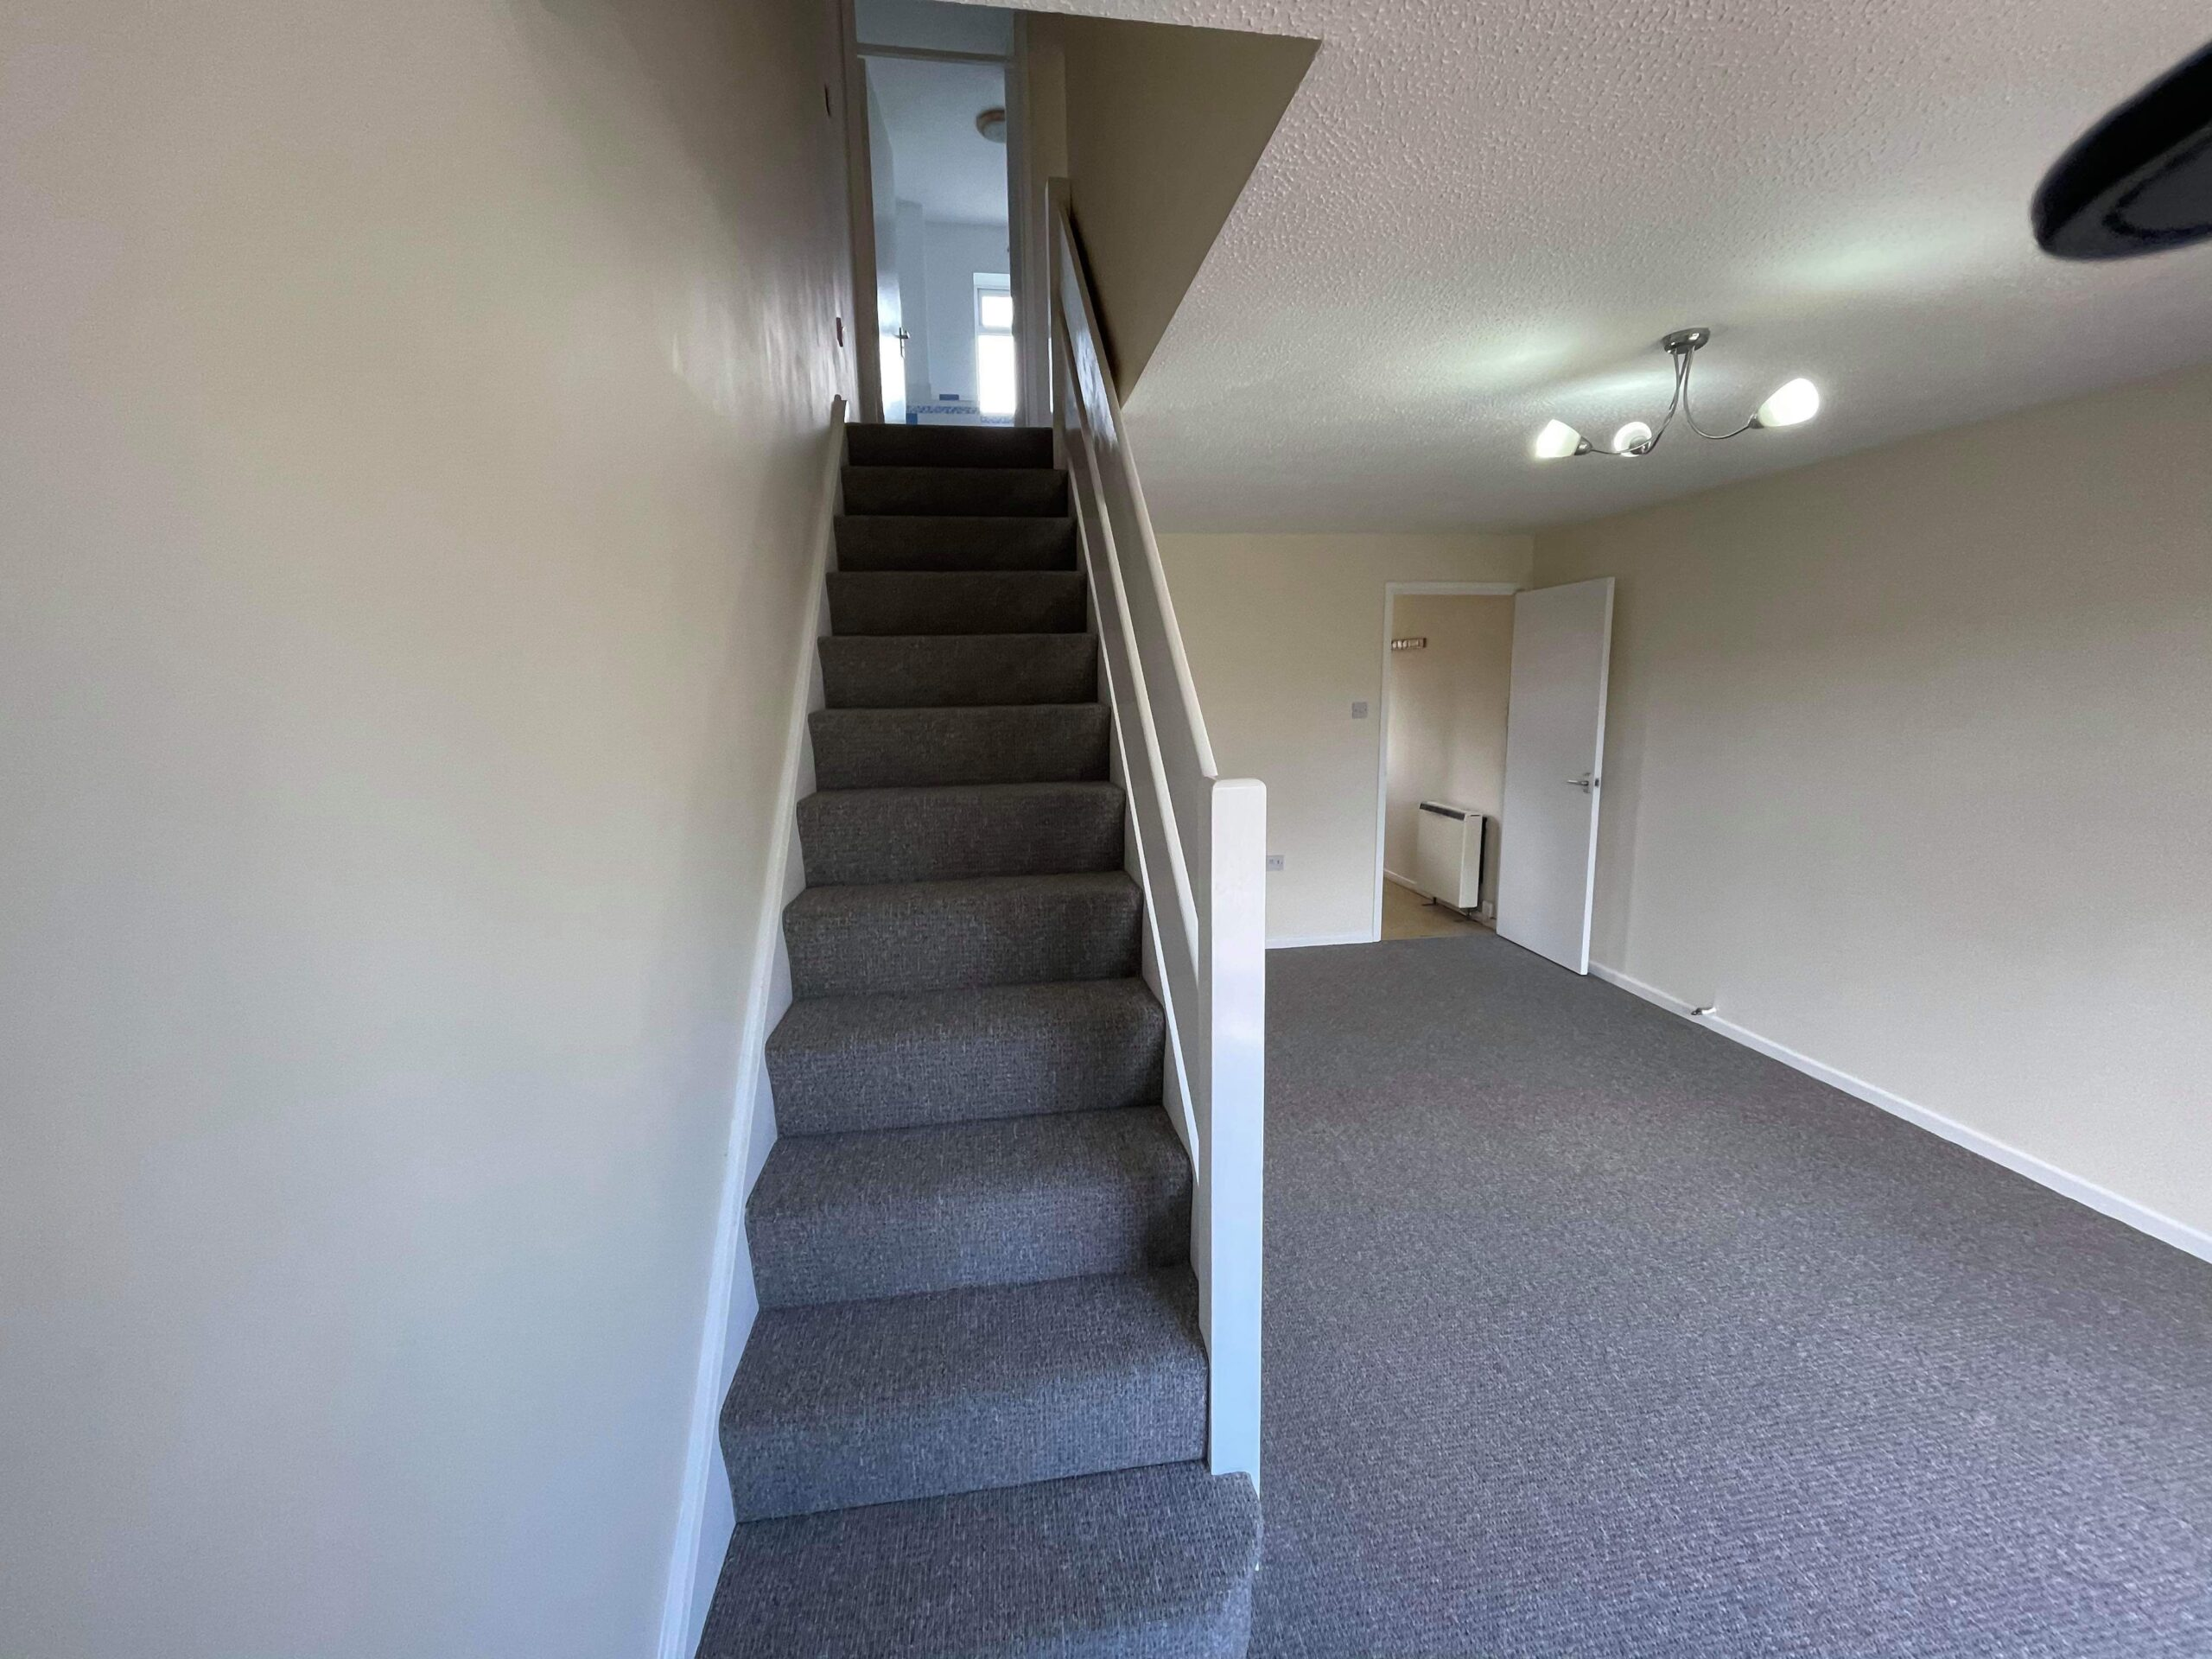 23 Meadvale Close, Longford, Gloucester GL2 9AU